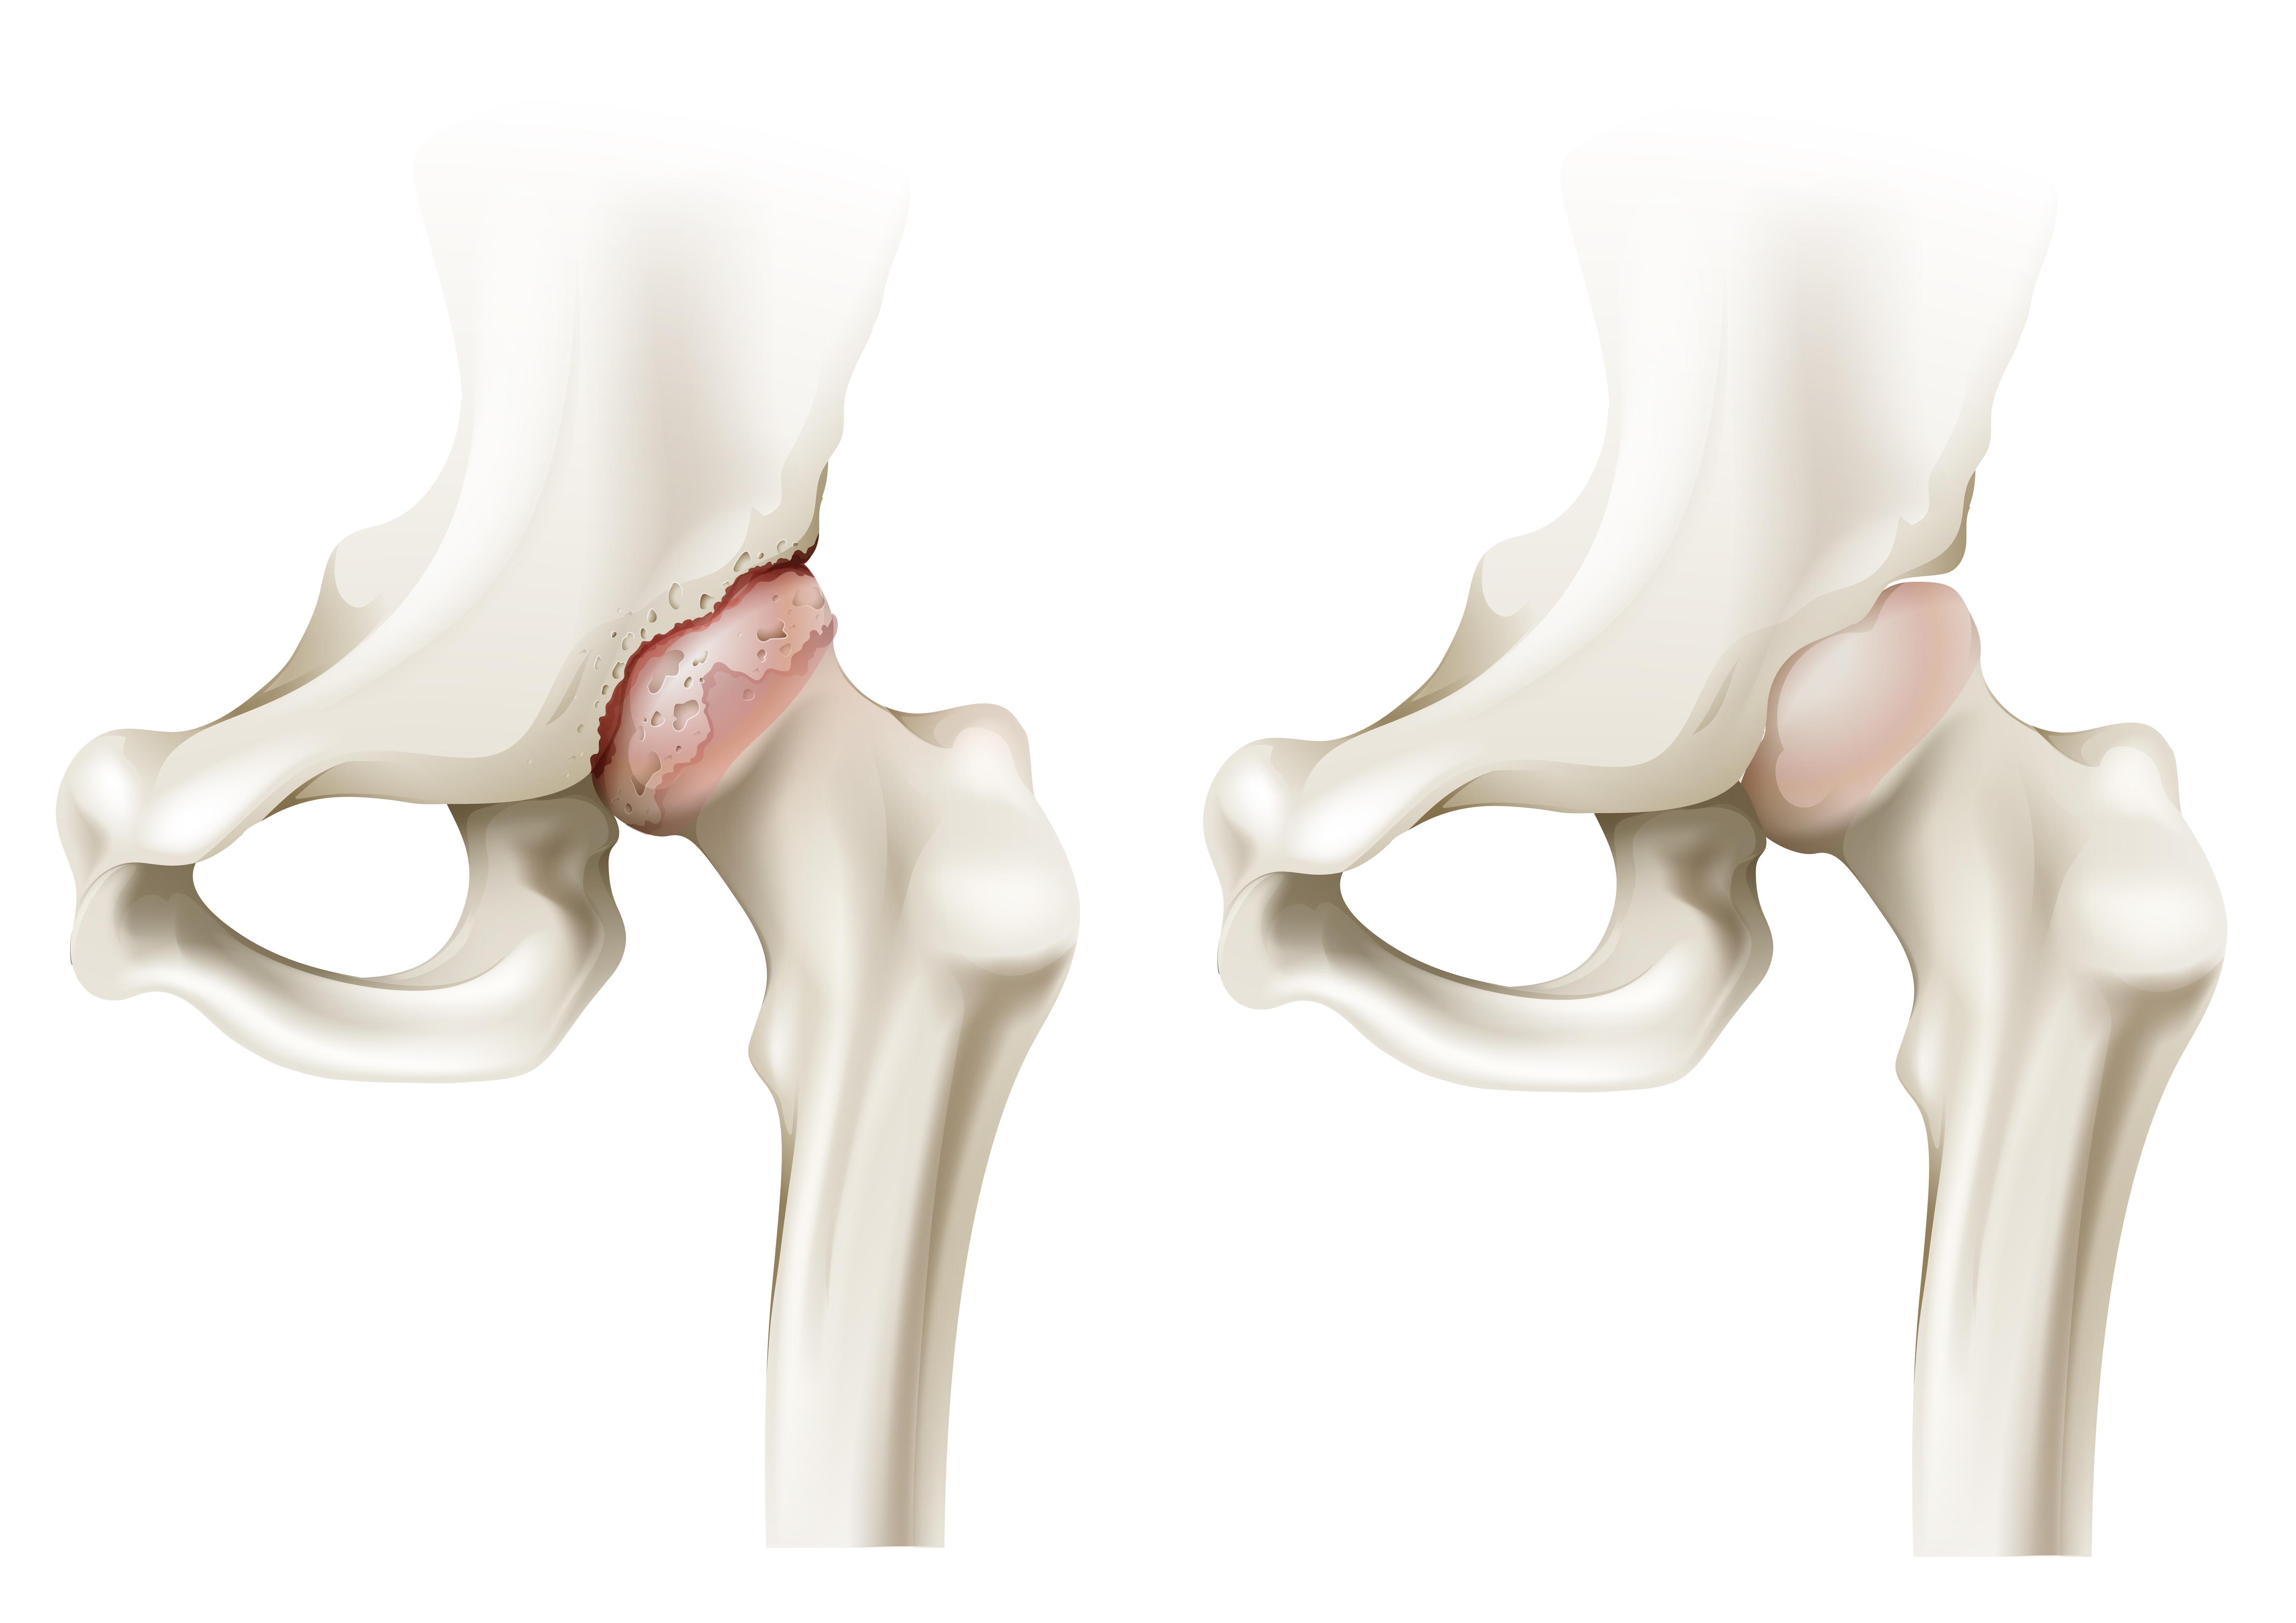 Artrosis de cadera: Factores de riesgo y tratamiento